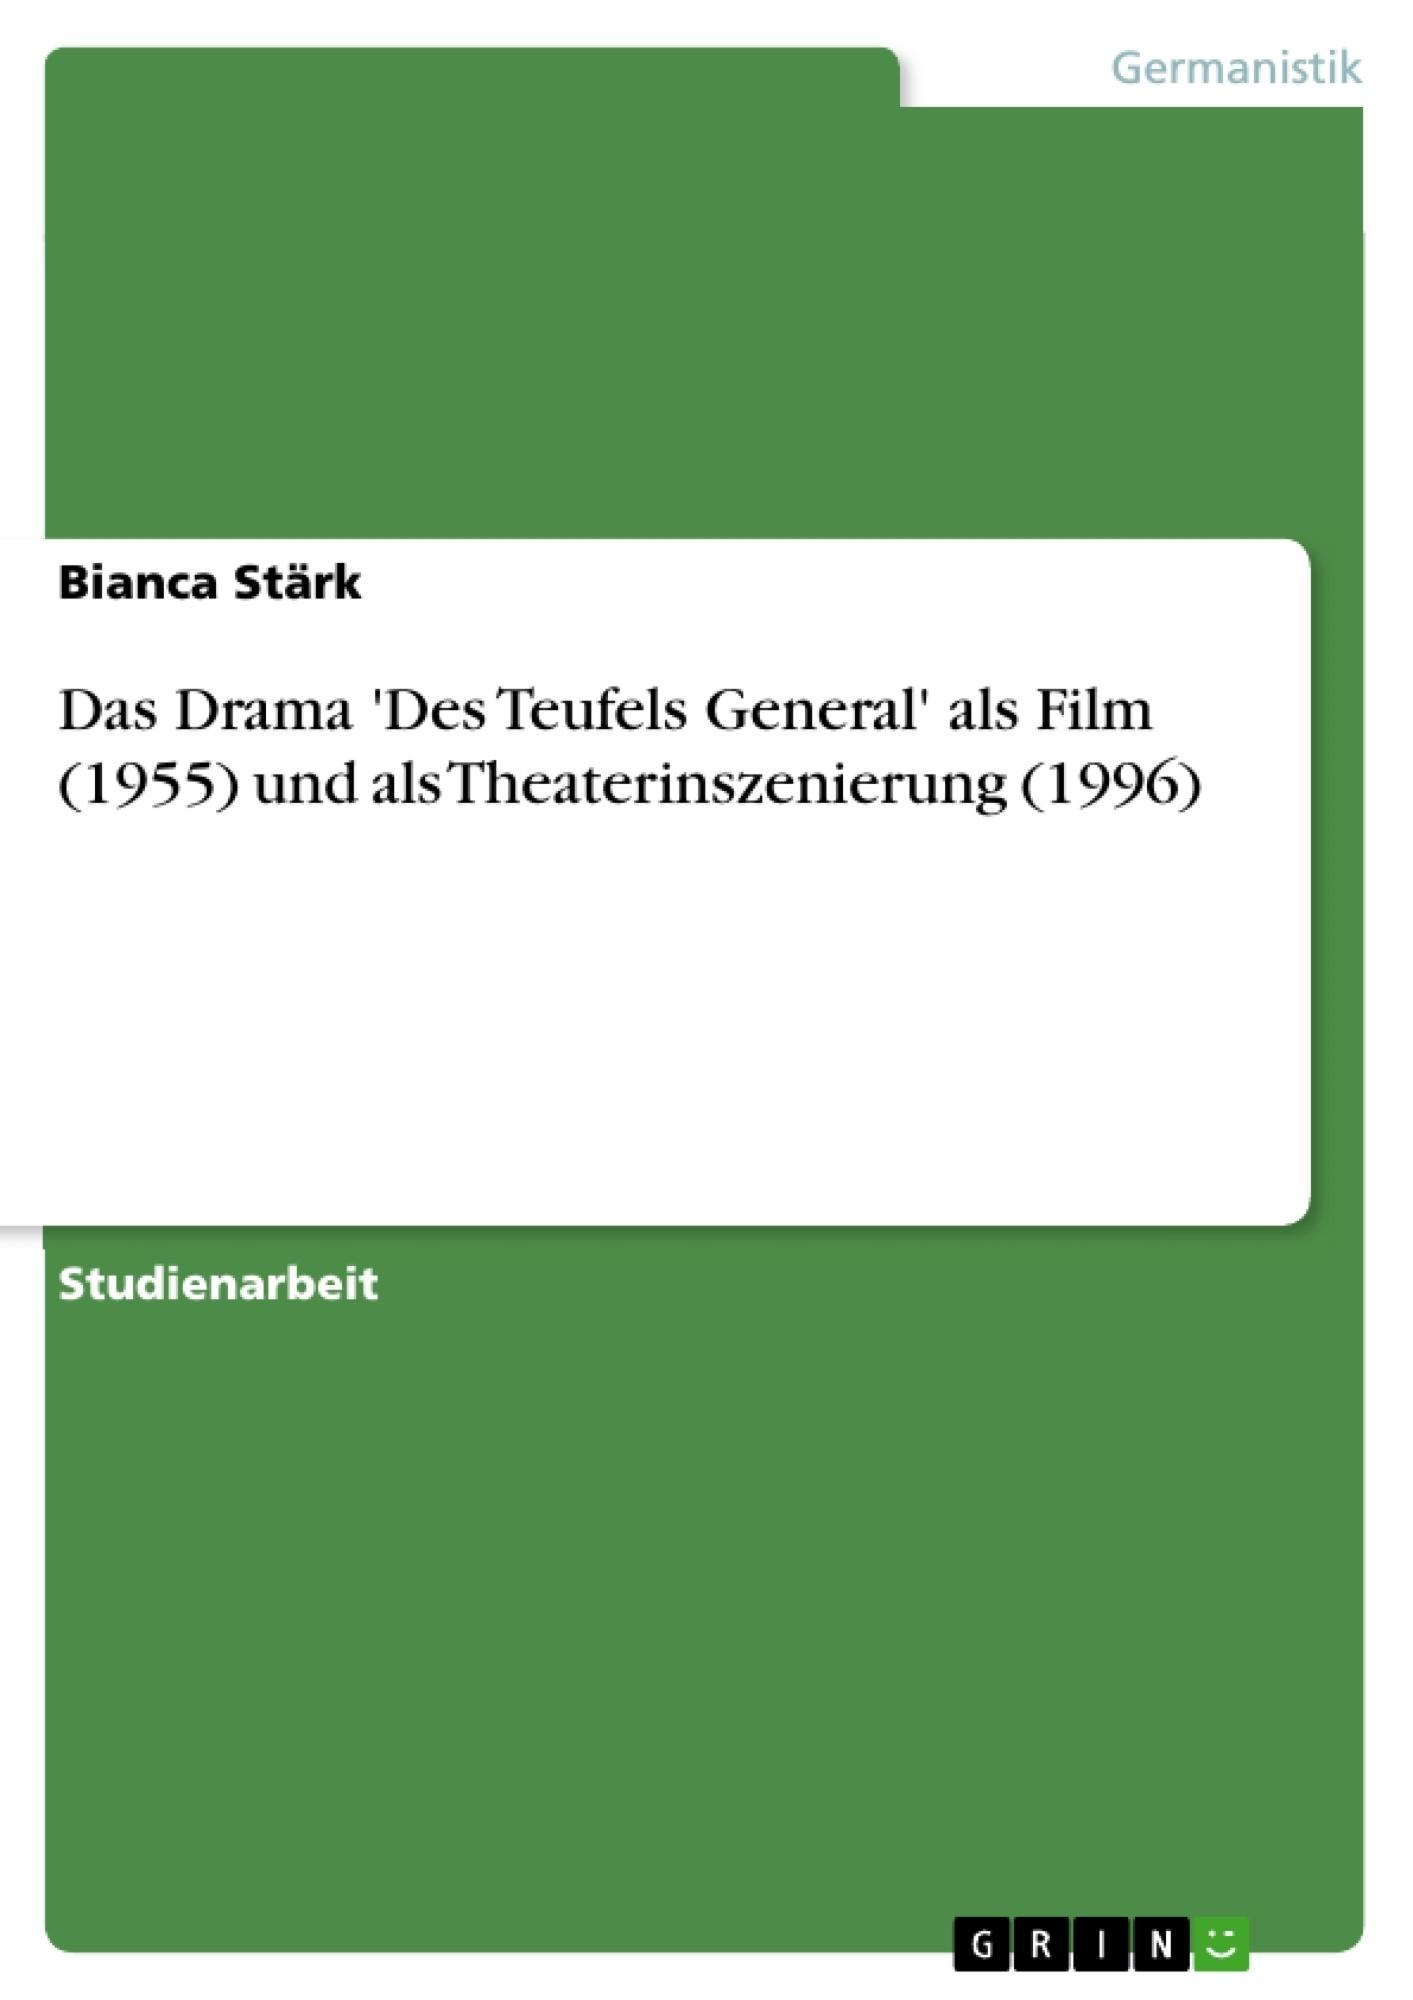 Titel: Das Drama 'Des Teufels General' als Film (1955) und als Theaterinszenierung (1996)